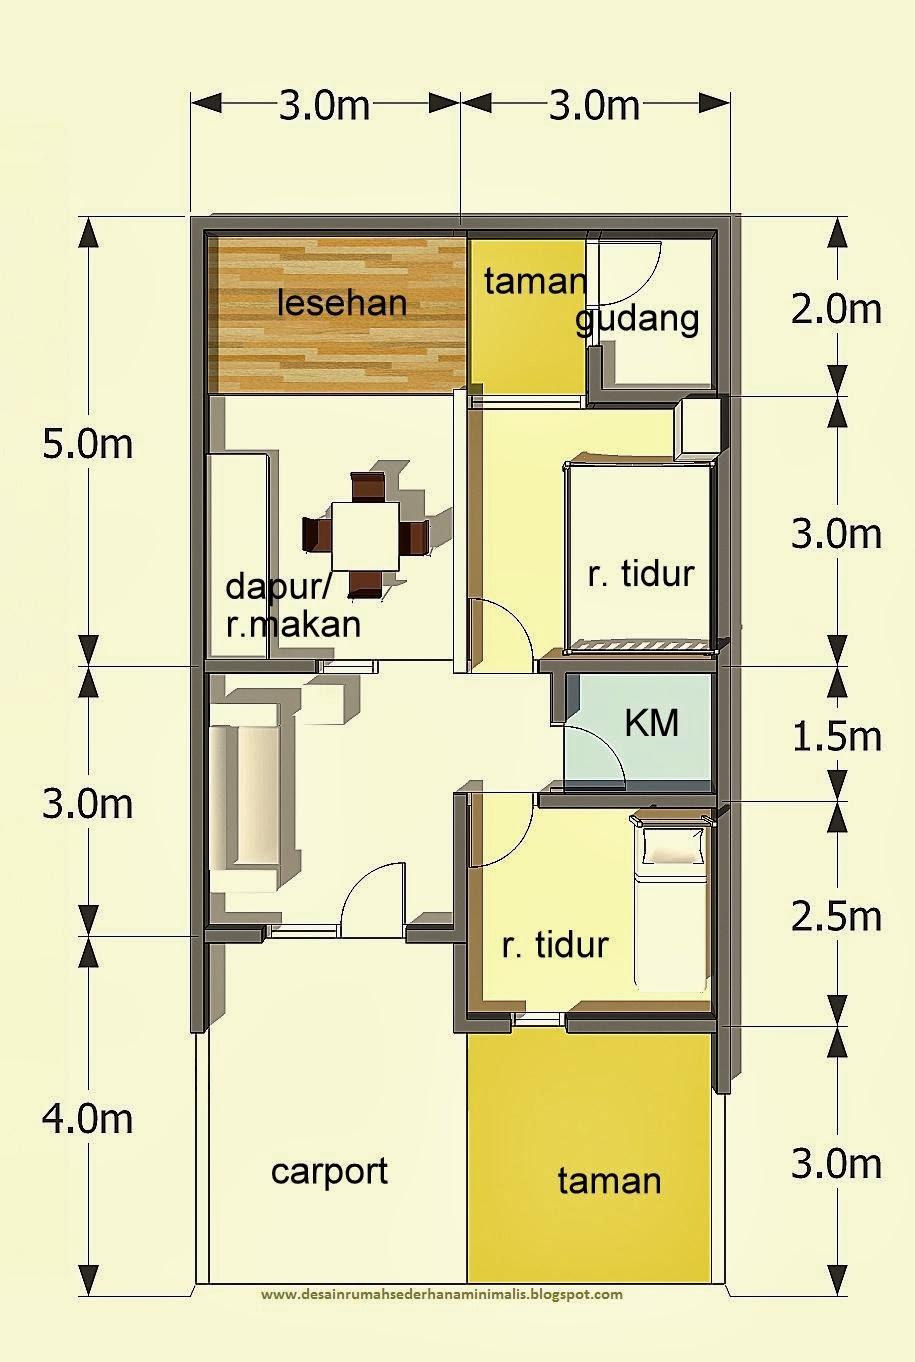 65 Desain Rumah Minimalis Persegi Panjang Desain Rumah Minimalis Terbaru